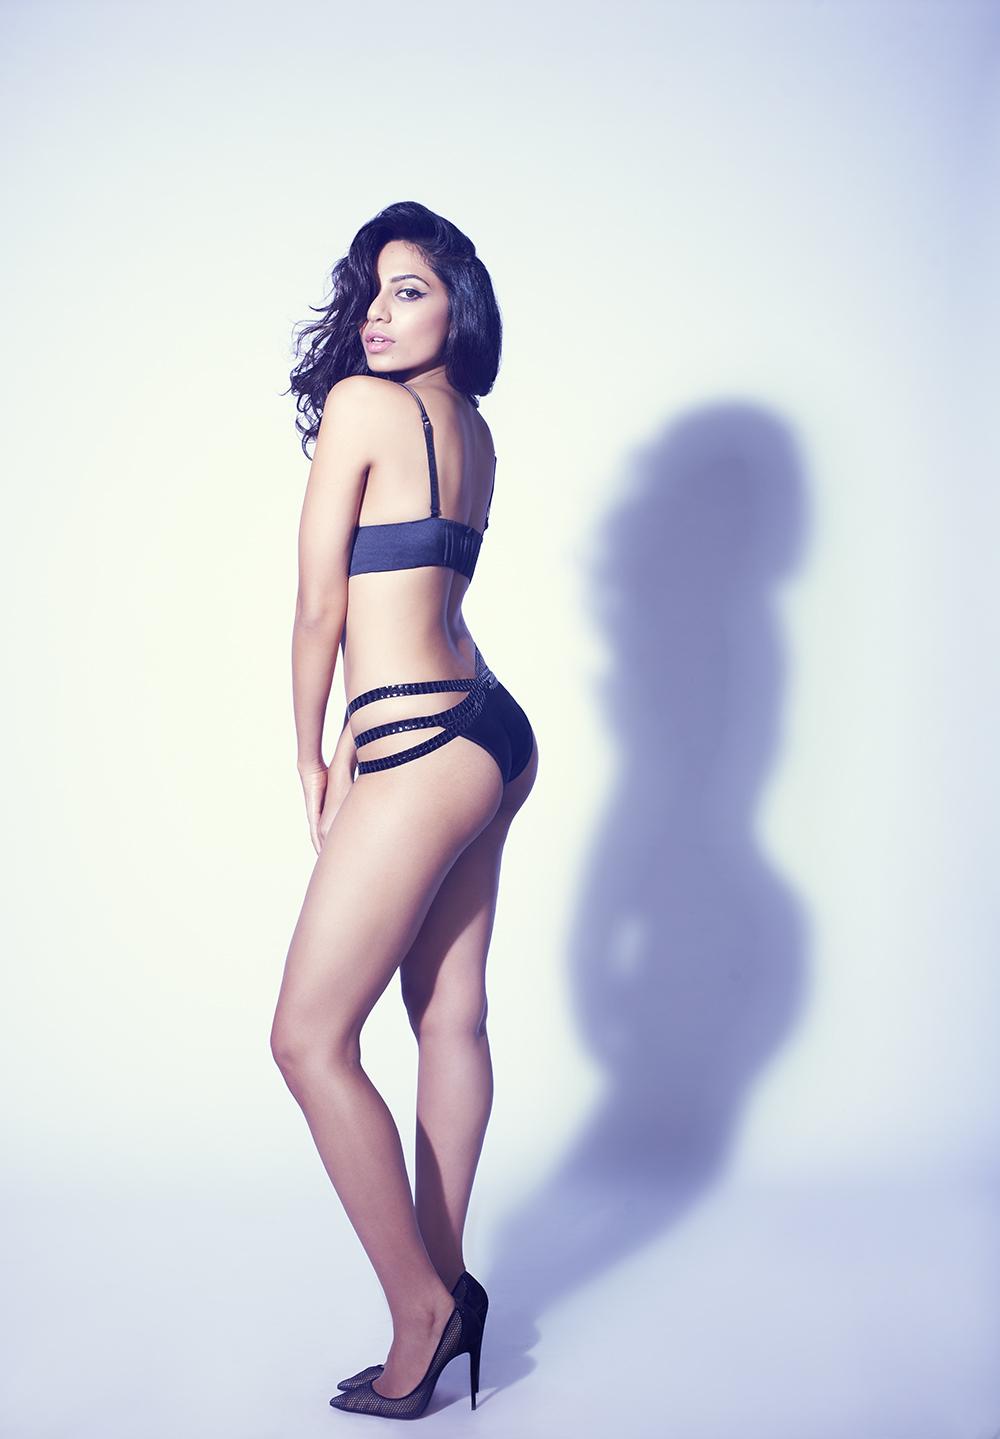 Sobhita Dhulipala sexy pics in bikini